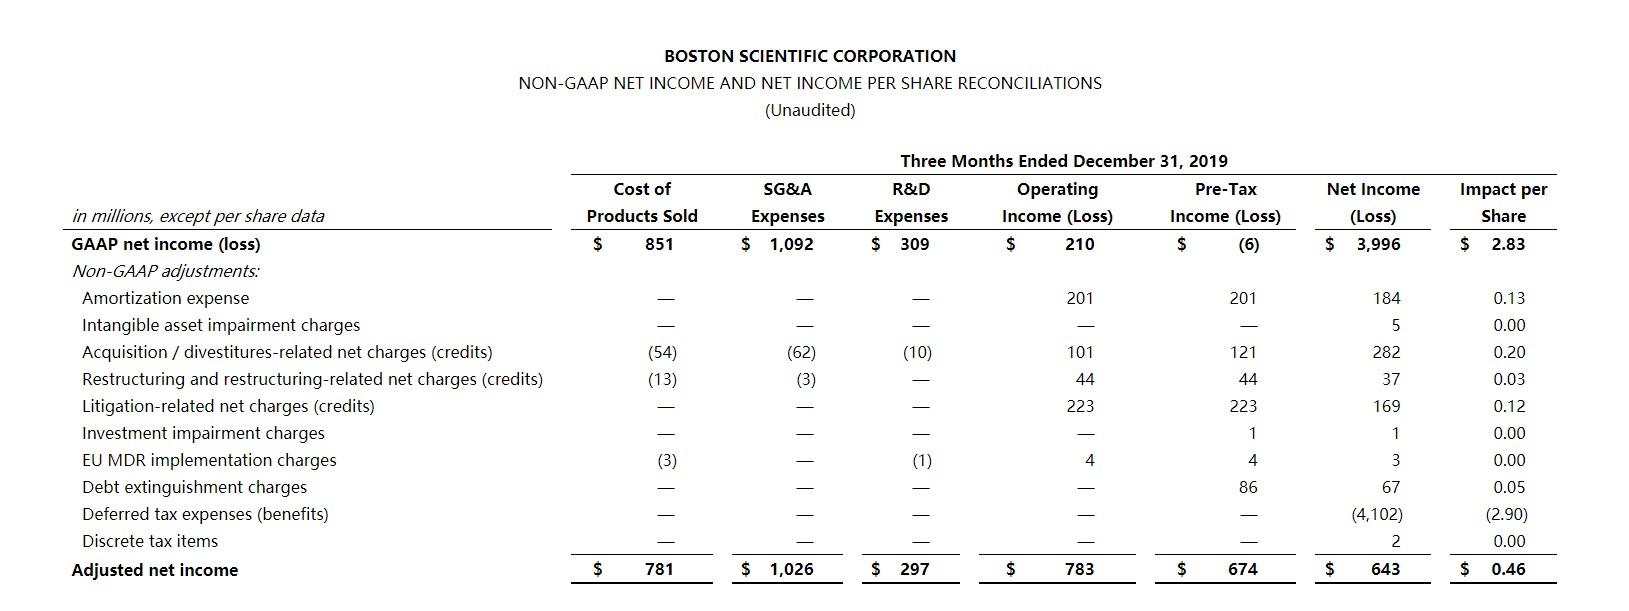 波士顿科学(BSX.US)Q4销售额受美国强劲增长的推动,同比增长13.4%至29.05亿美元